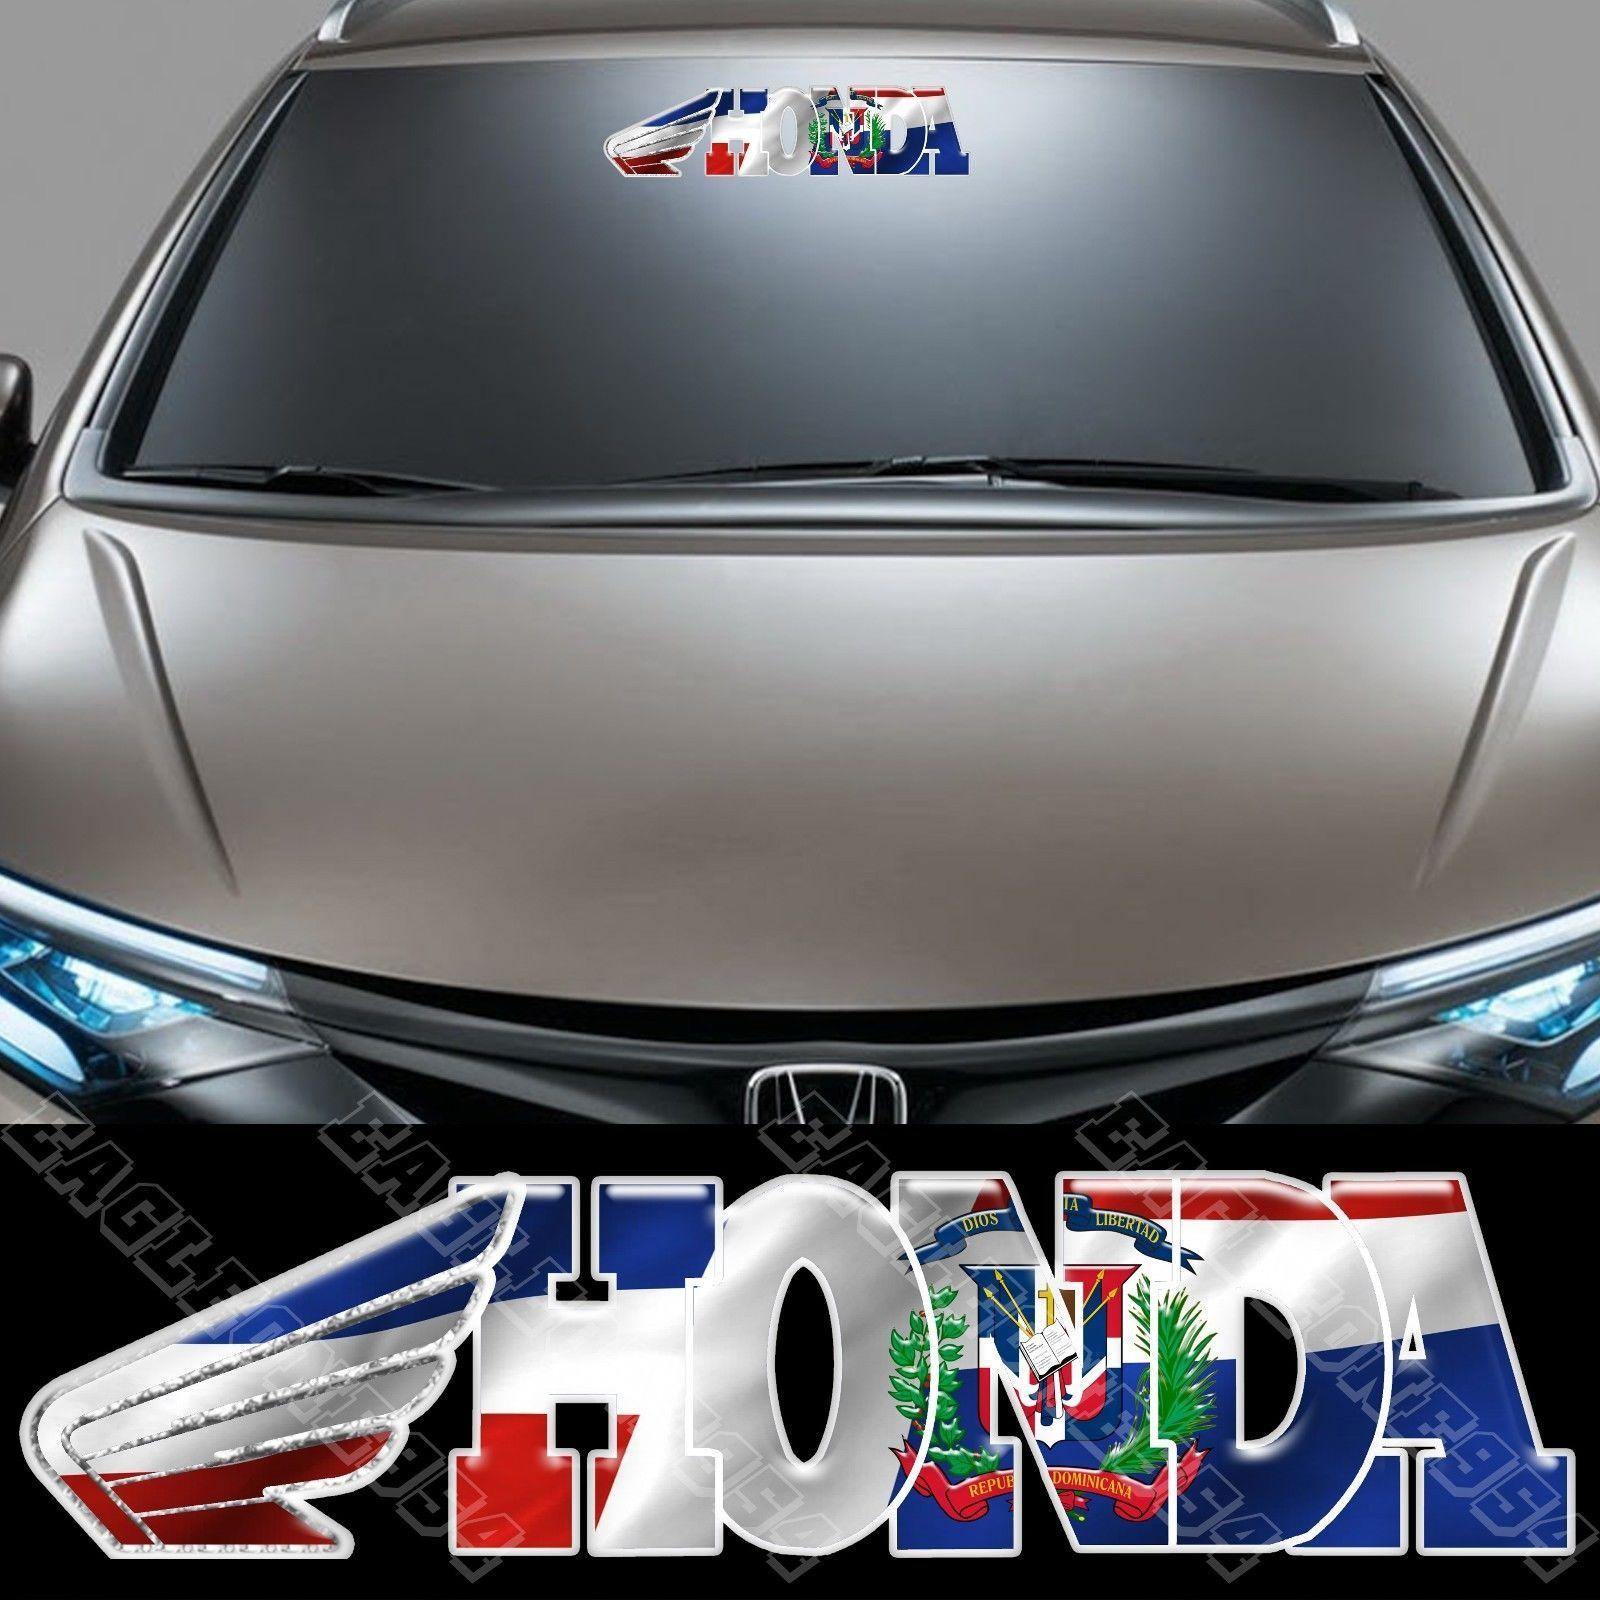 1x Dominican Republic Racing Flag Decal Fits Honda 2705 Flag Decal Flag Vinyl Decals [ 1600 x 1600 Pixel ]